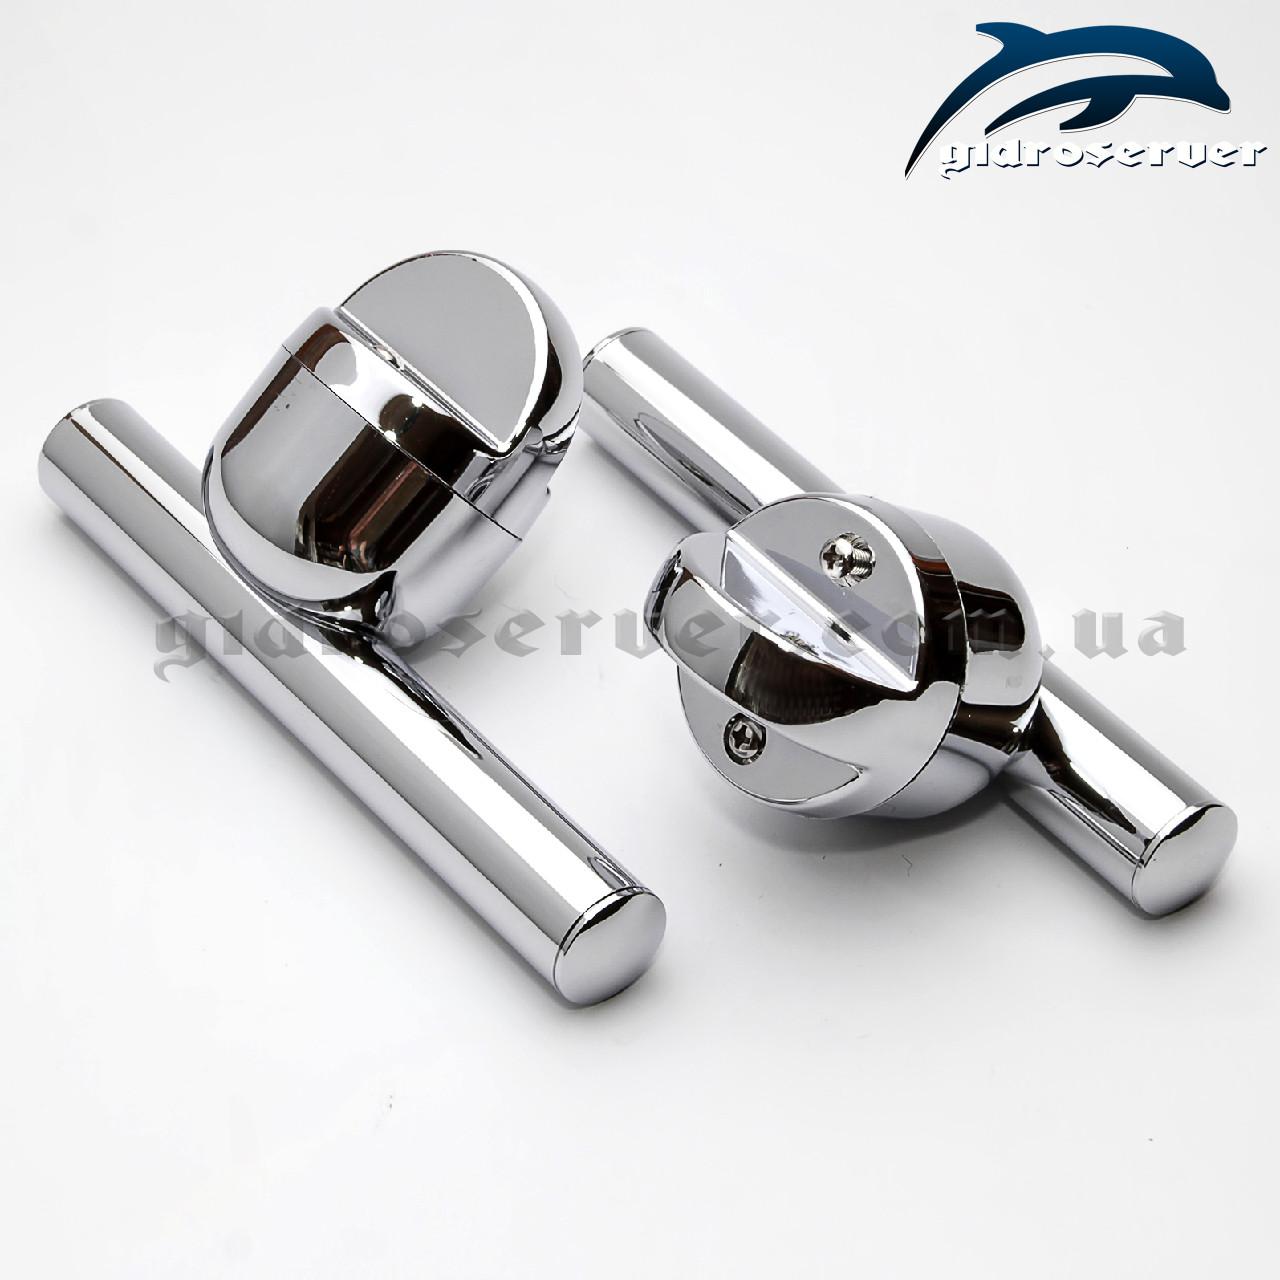 Ручка для дверей скляних душових кабін, гідробоксів H-10.